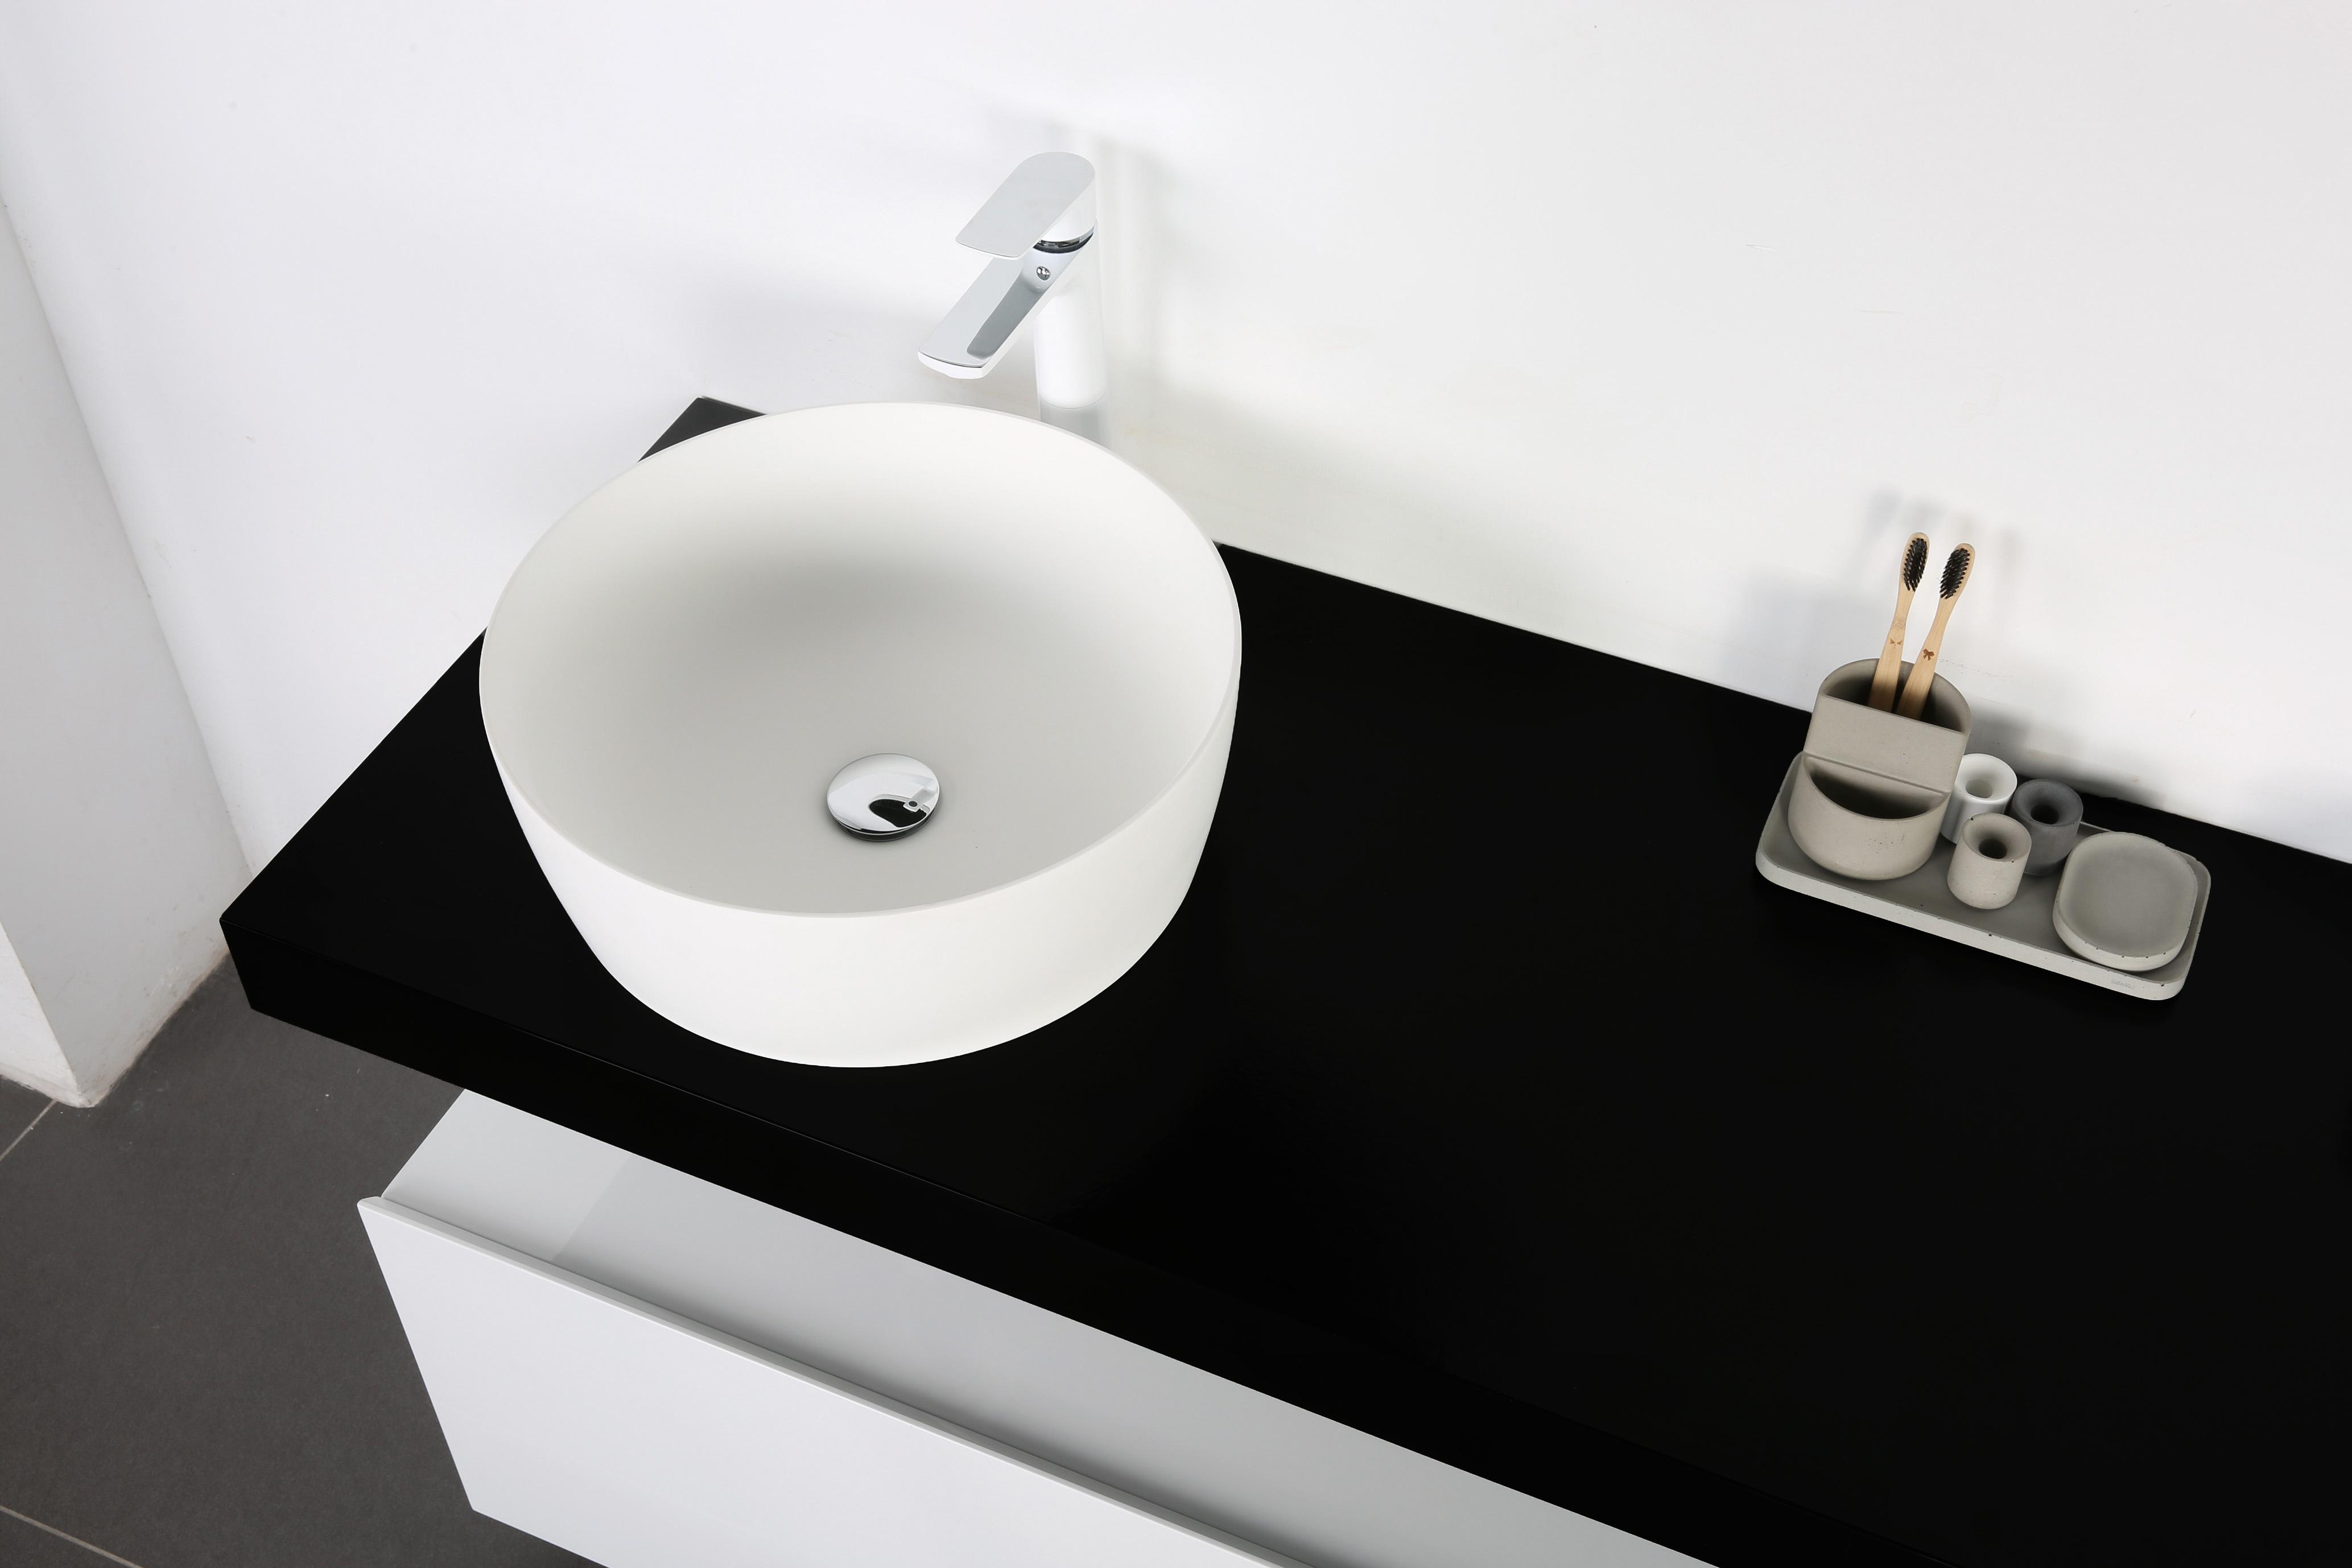 2-tlg. Badmöbel Unterschrank GRUPPO 220 ohne Waschtisch